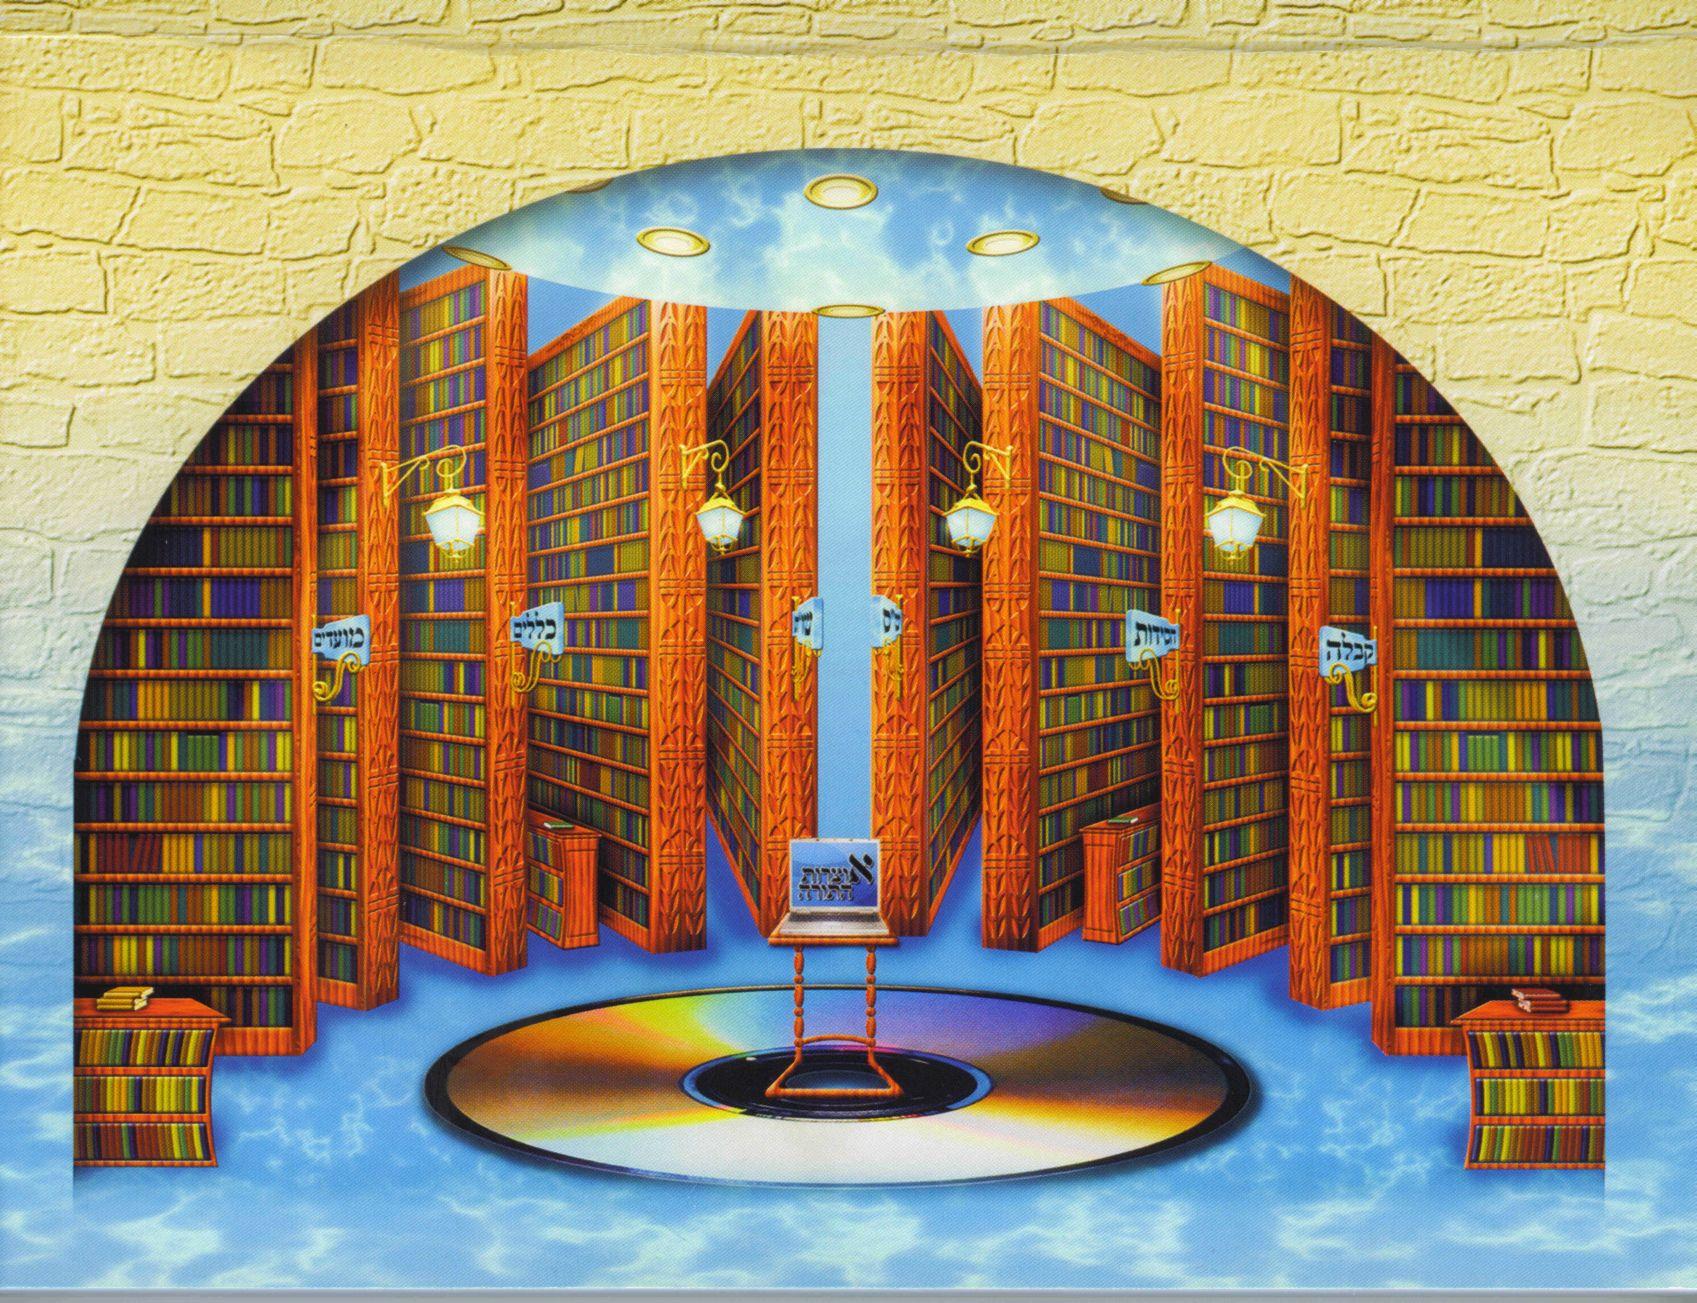 אוצרות התורה 8 מהדורת בני תורה כולל אינדקס אוצרות השות  + שדרוג ל9 חינם